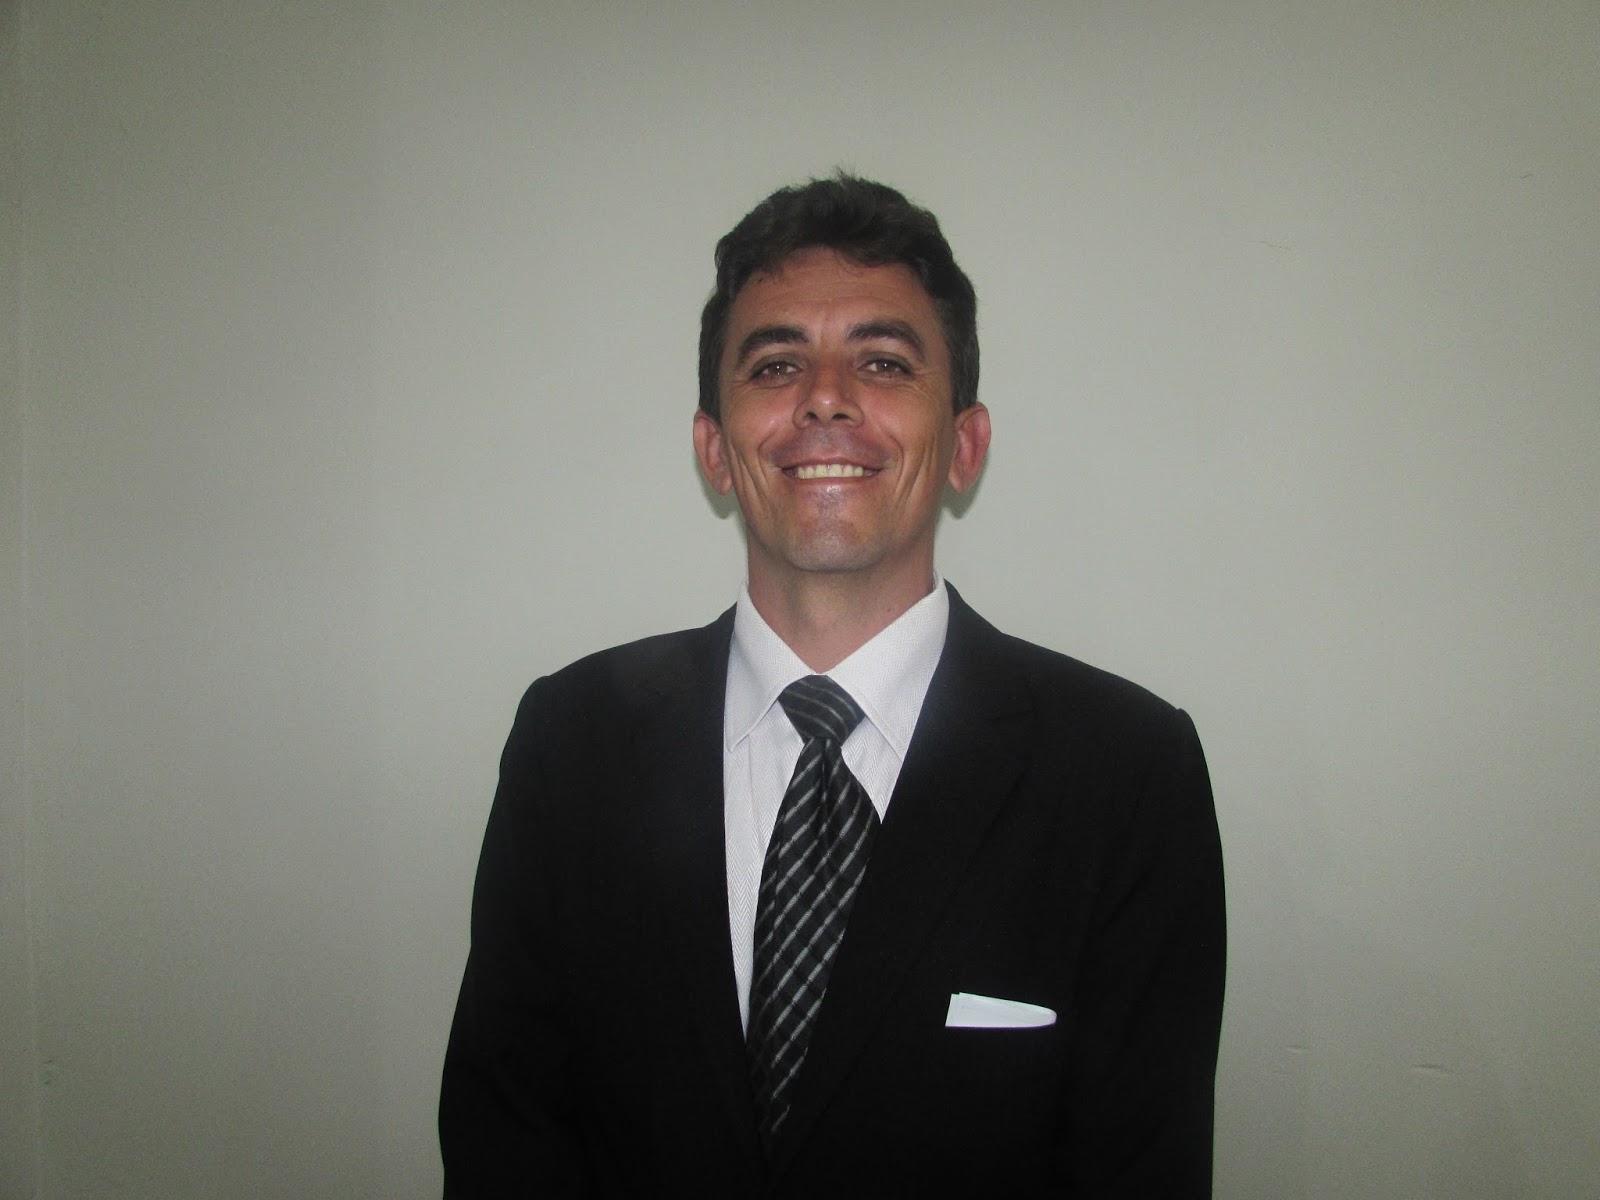 Resultado de imagem para fotos da posse de paulo sdergio prefeito de adustina